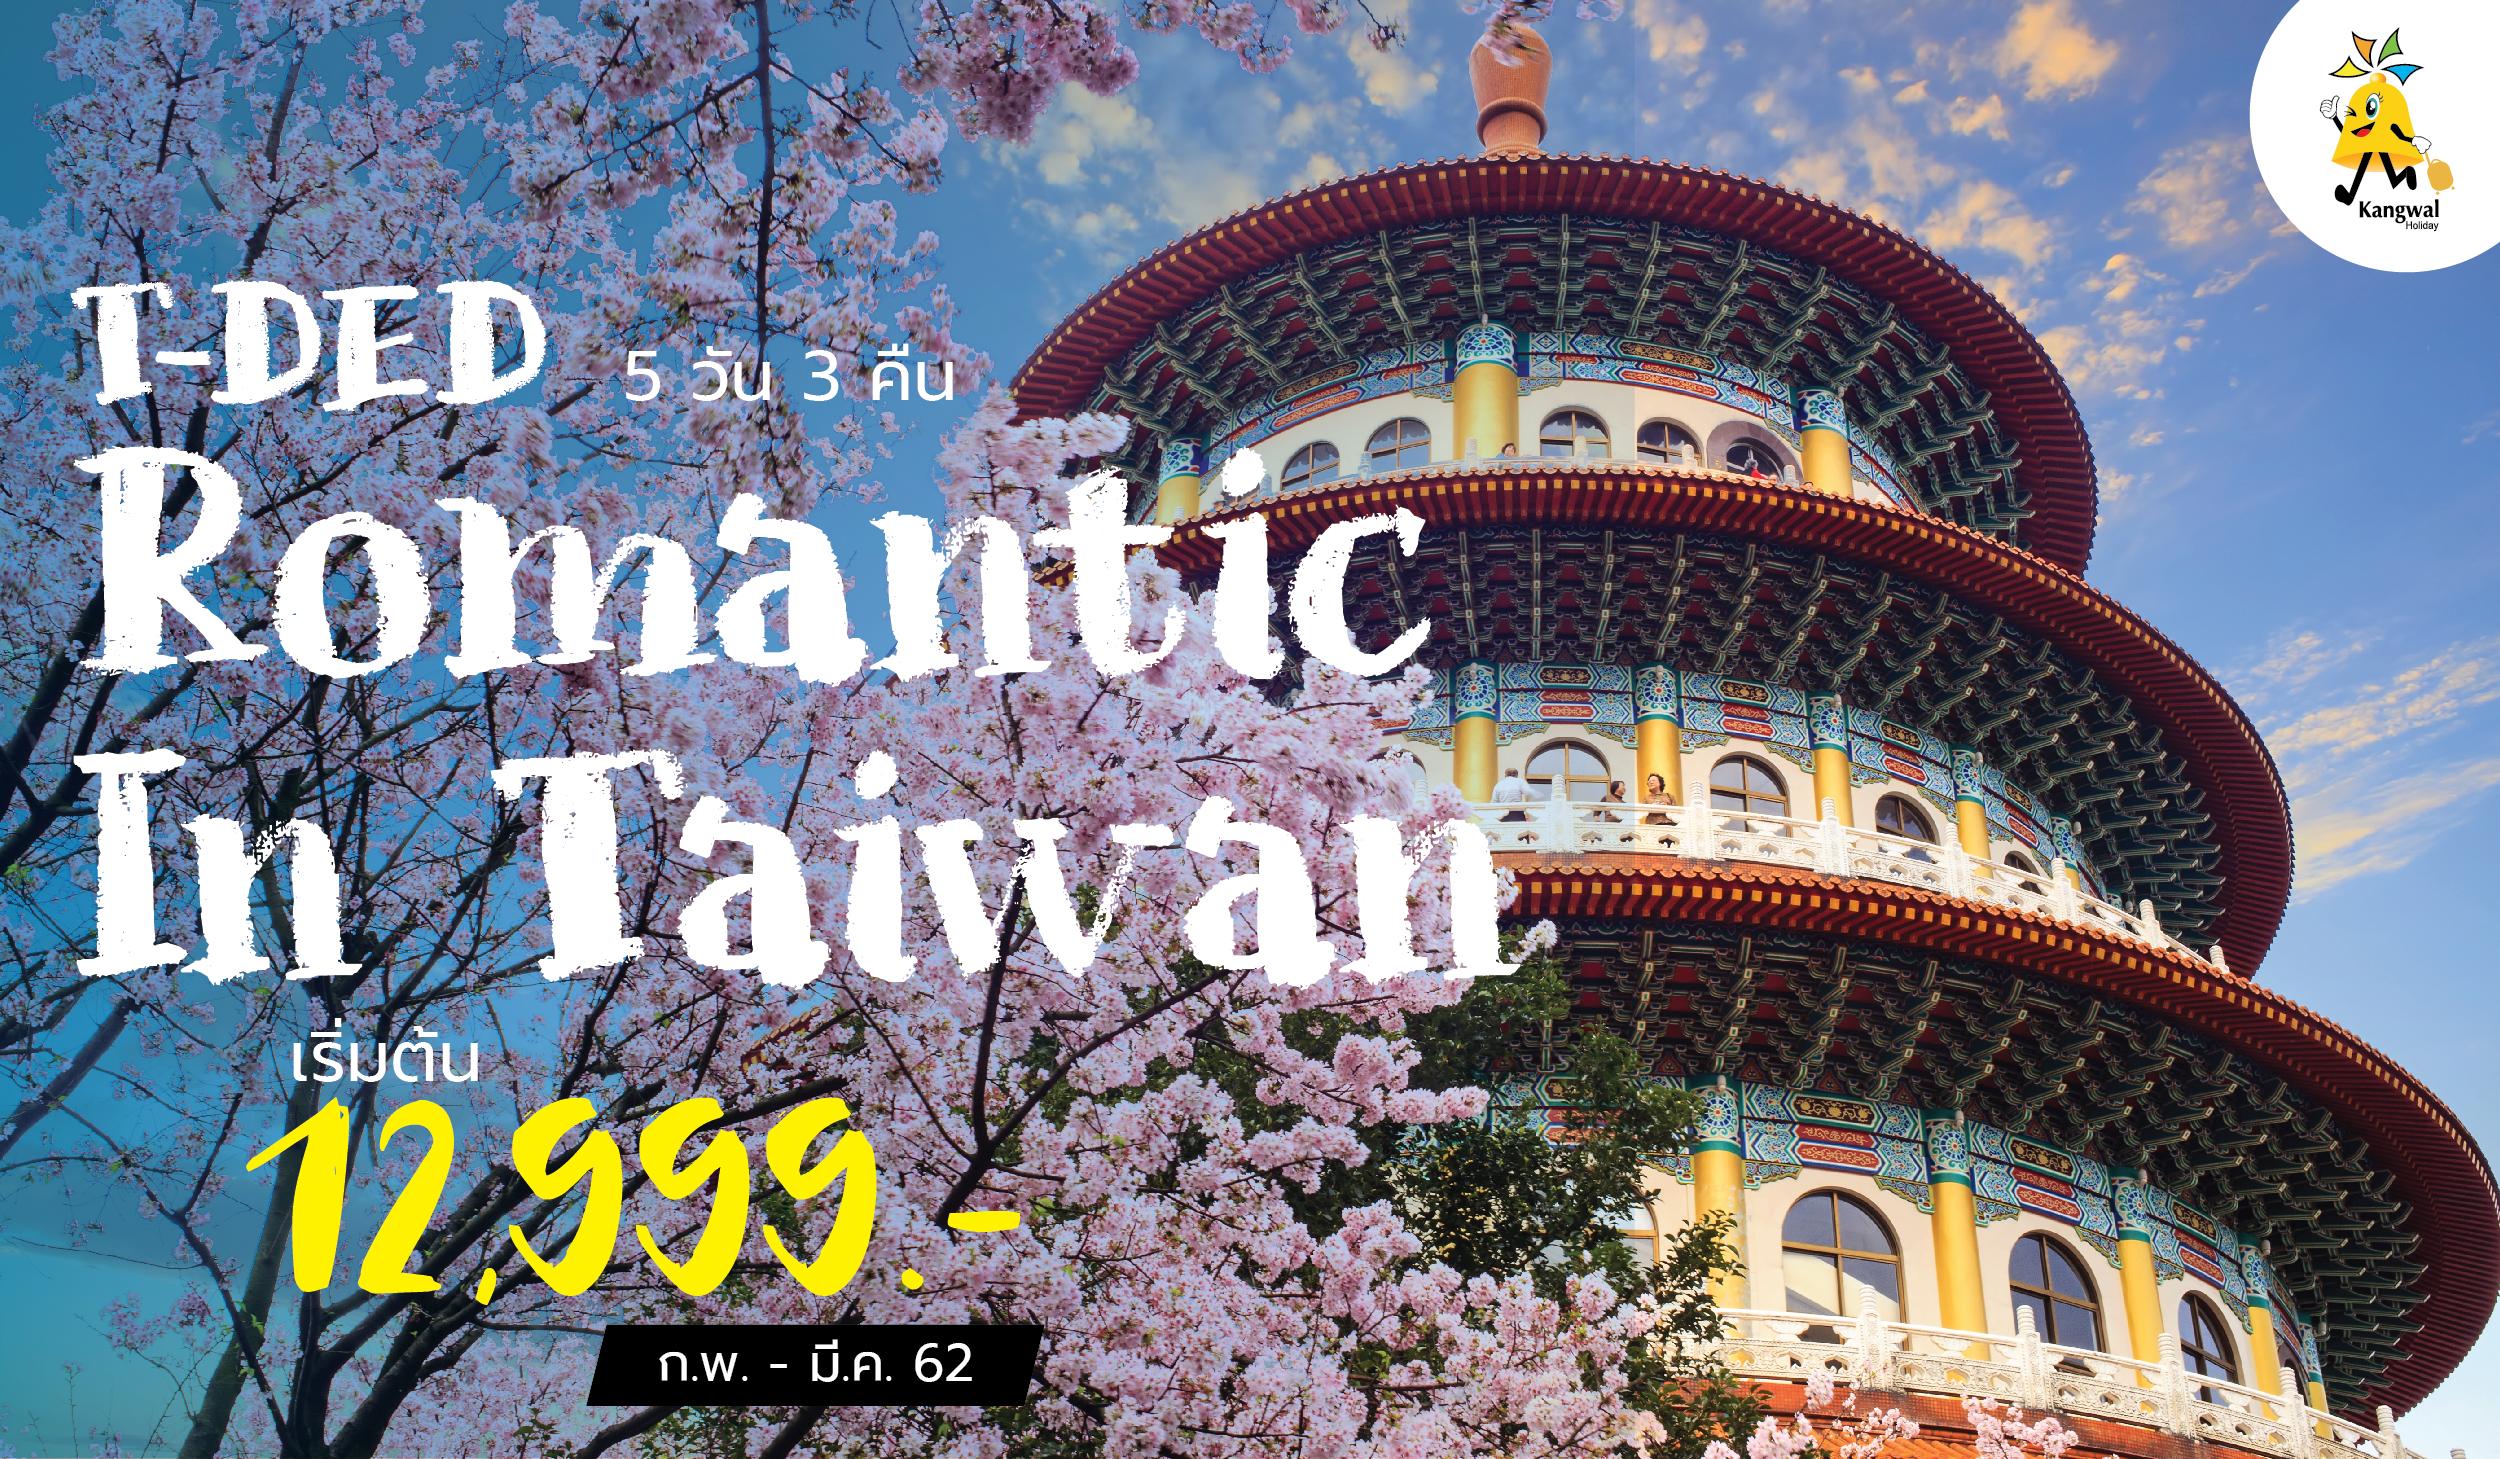 AZTPE35 T-DED ROMANTIC IN TAIWAN 5D3N BY SL  (FEB-MAR'19)